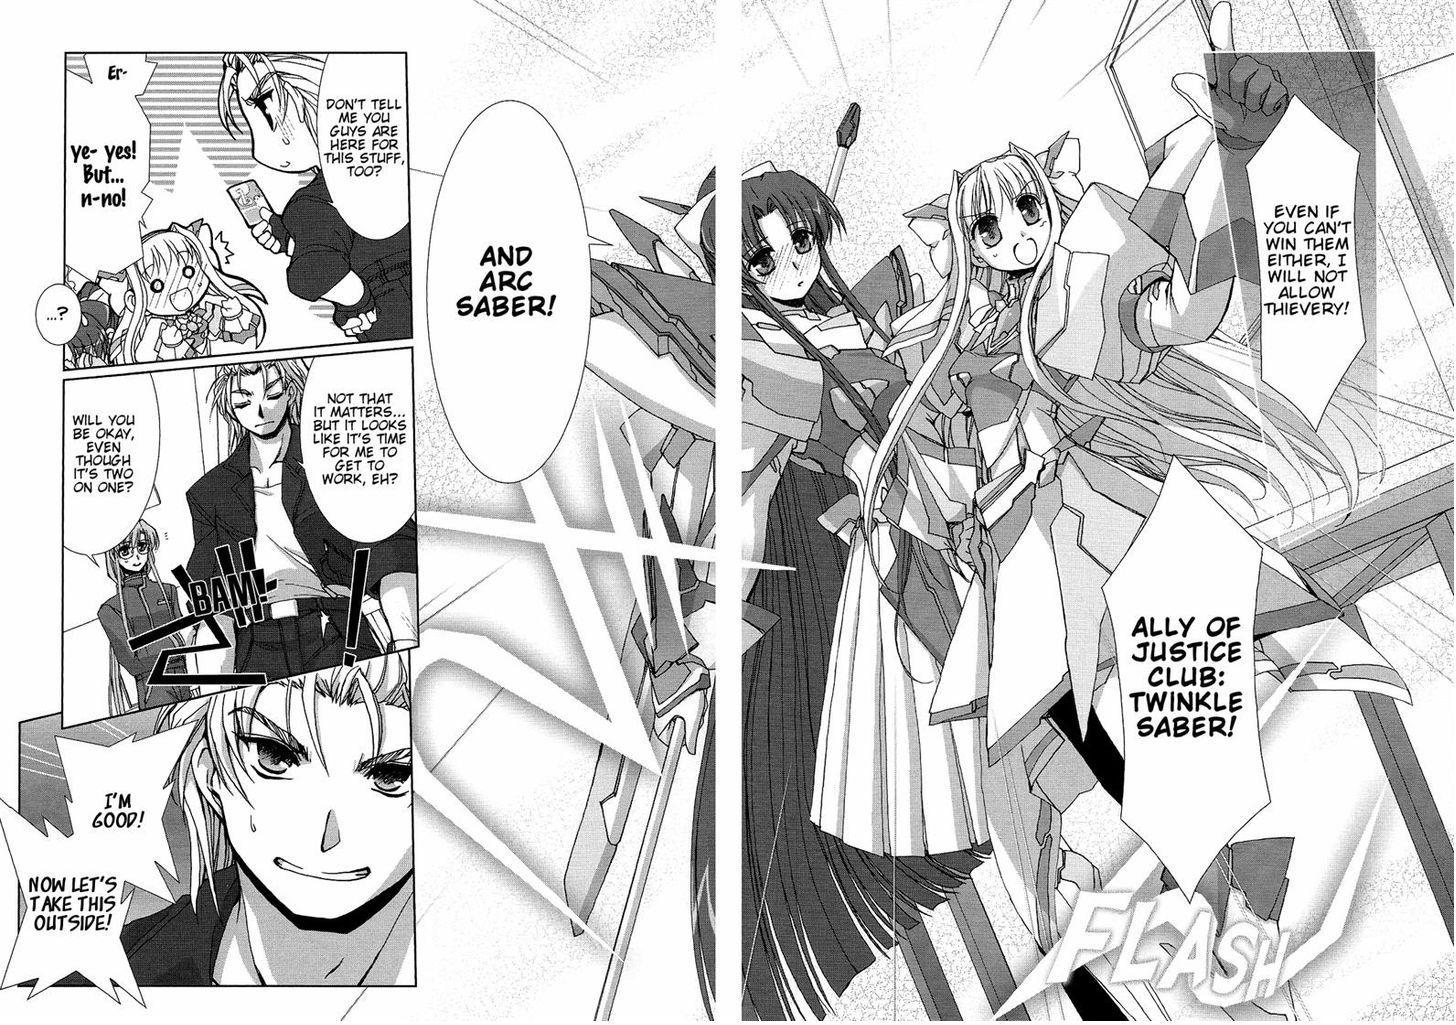 Twinkle Saber Nova - Chapter 5